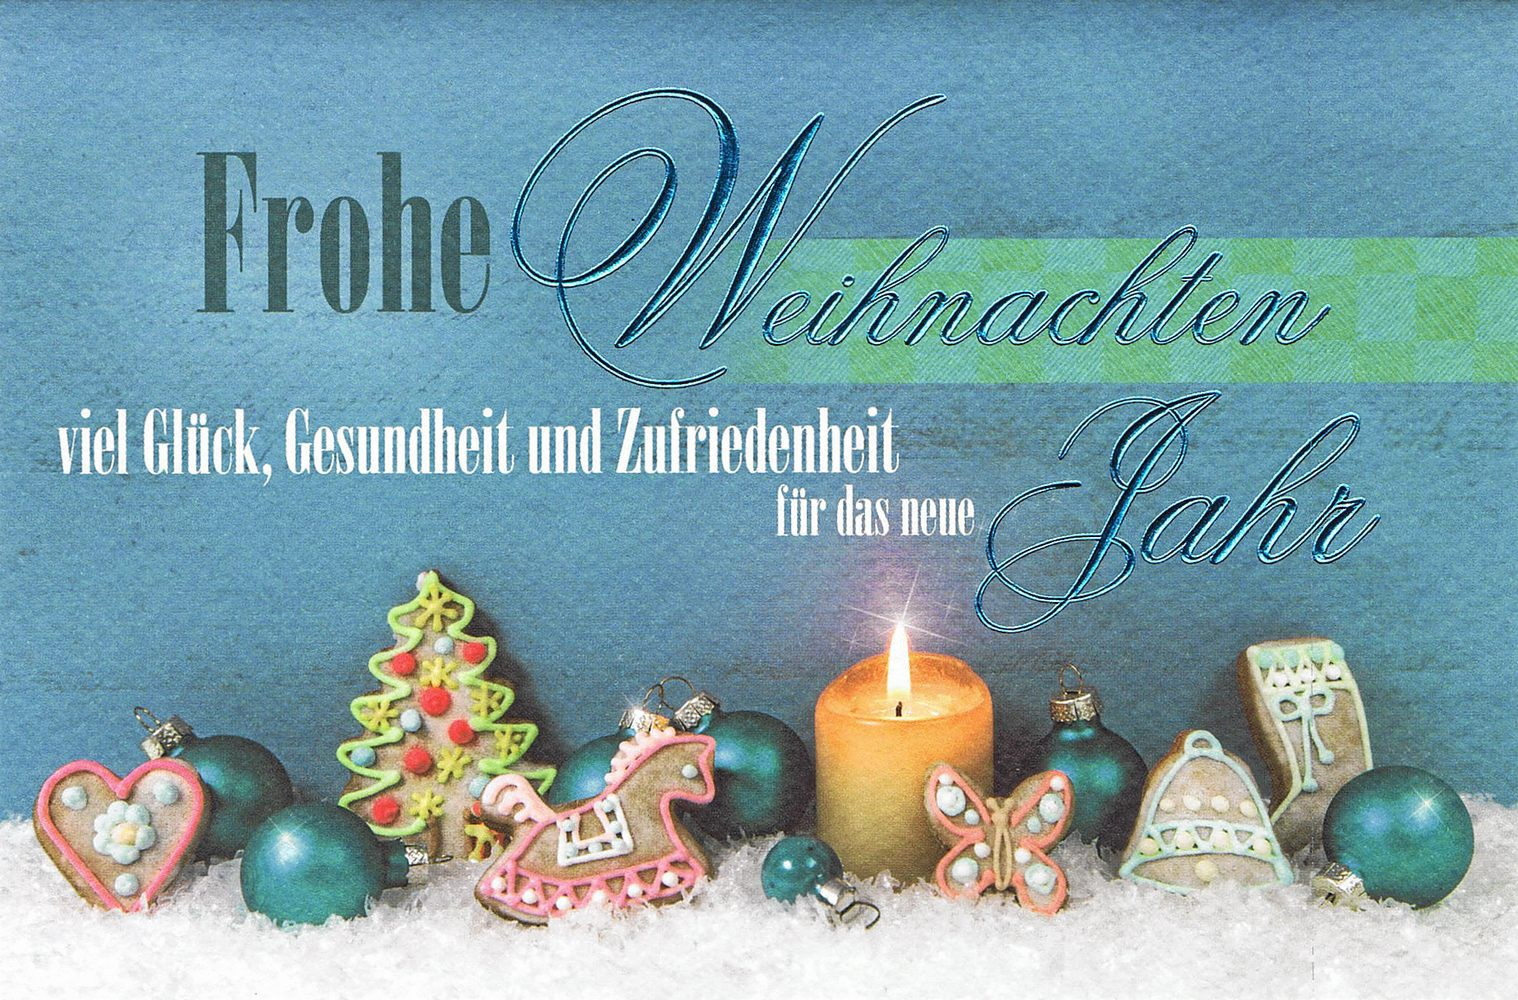 Weihnachtsmotive Für Karten.Weihnachtskarte Mit Weihnachtsmotiv Kerze